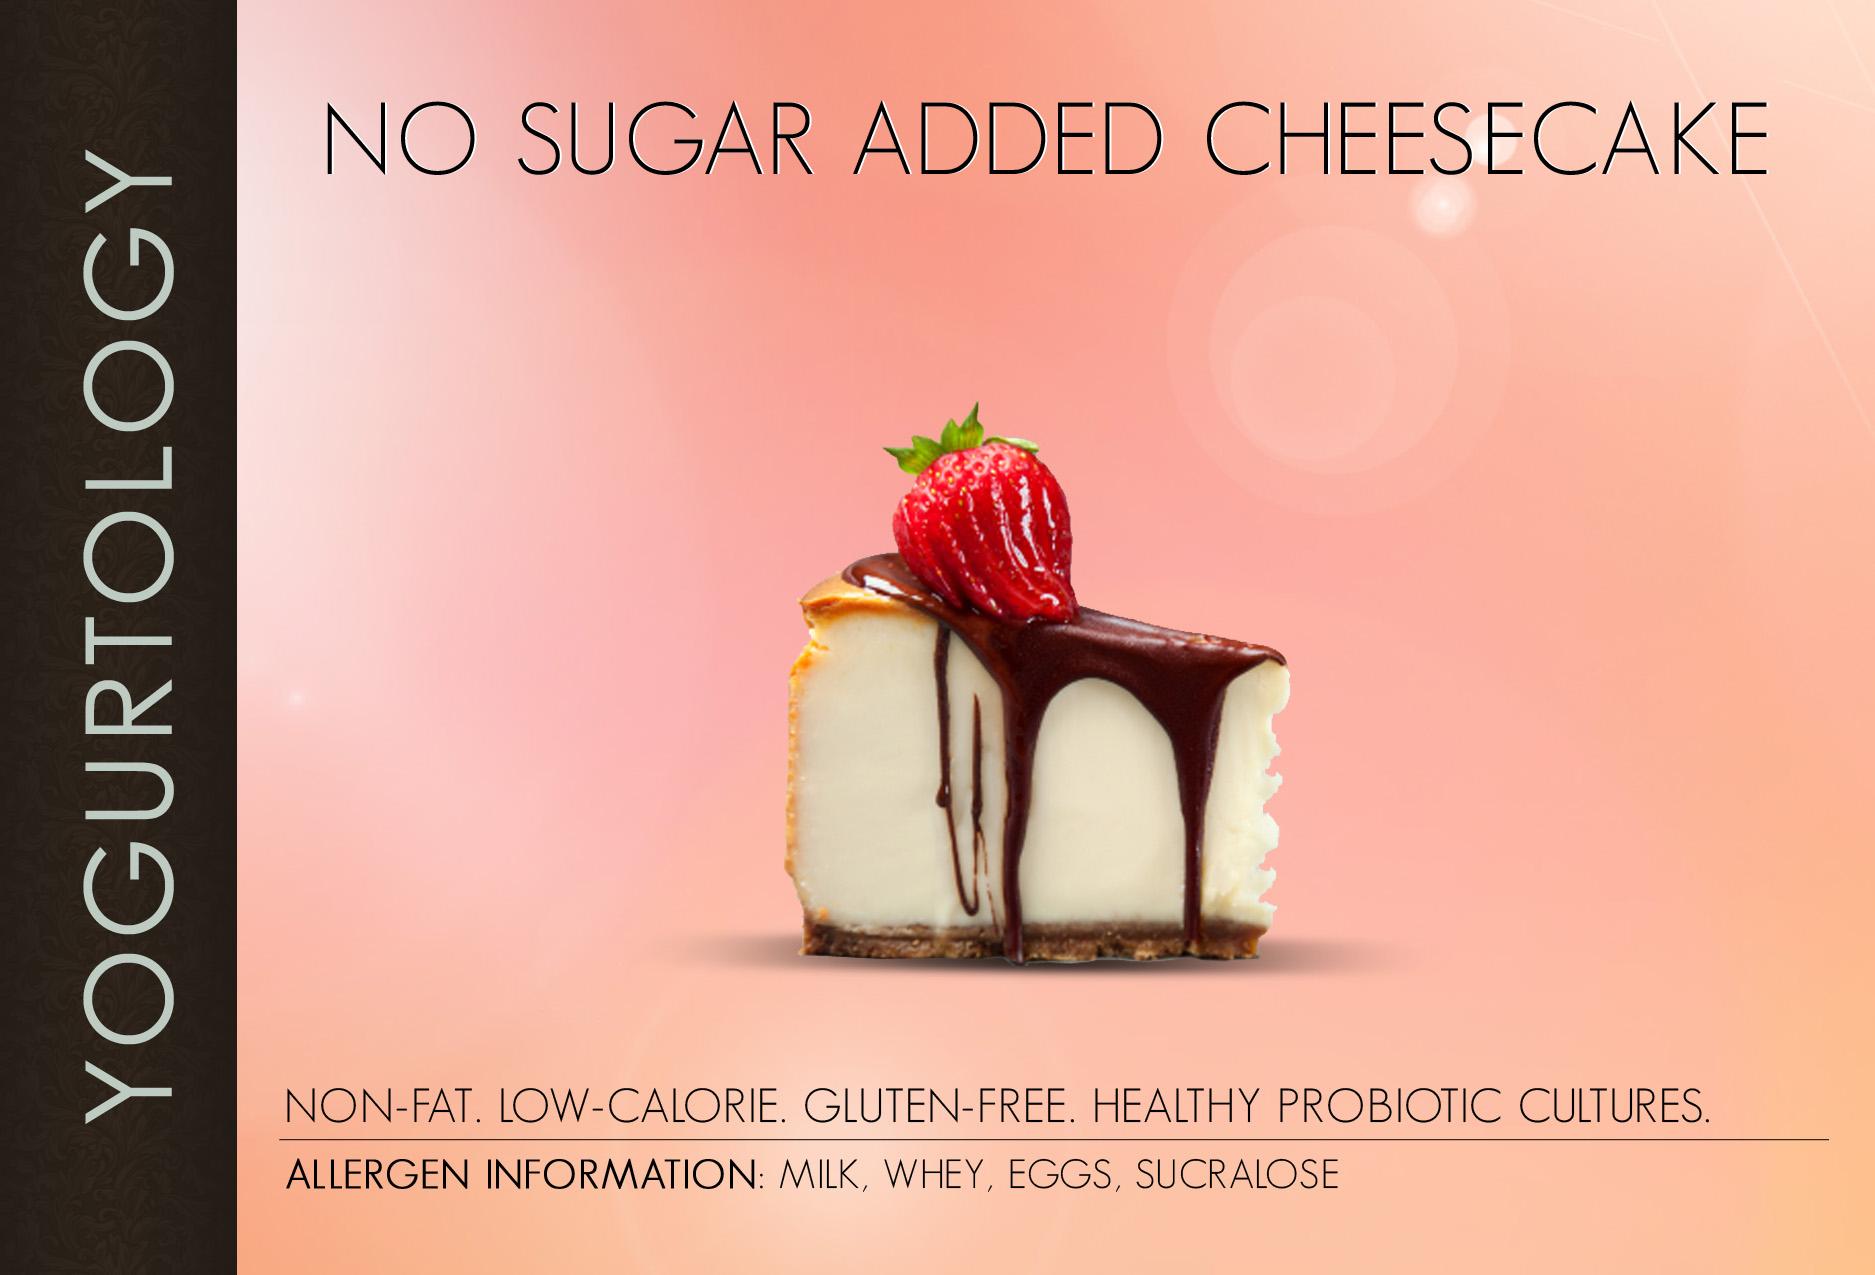 NSA Cheesecake